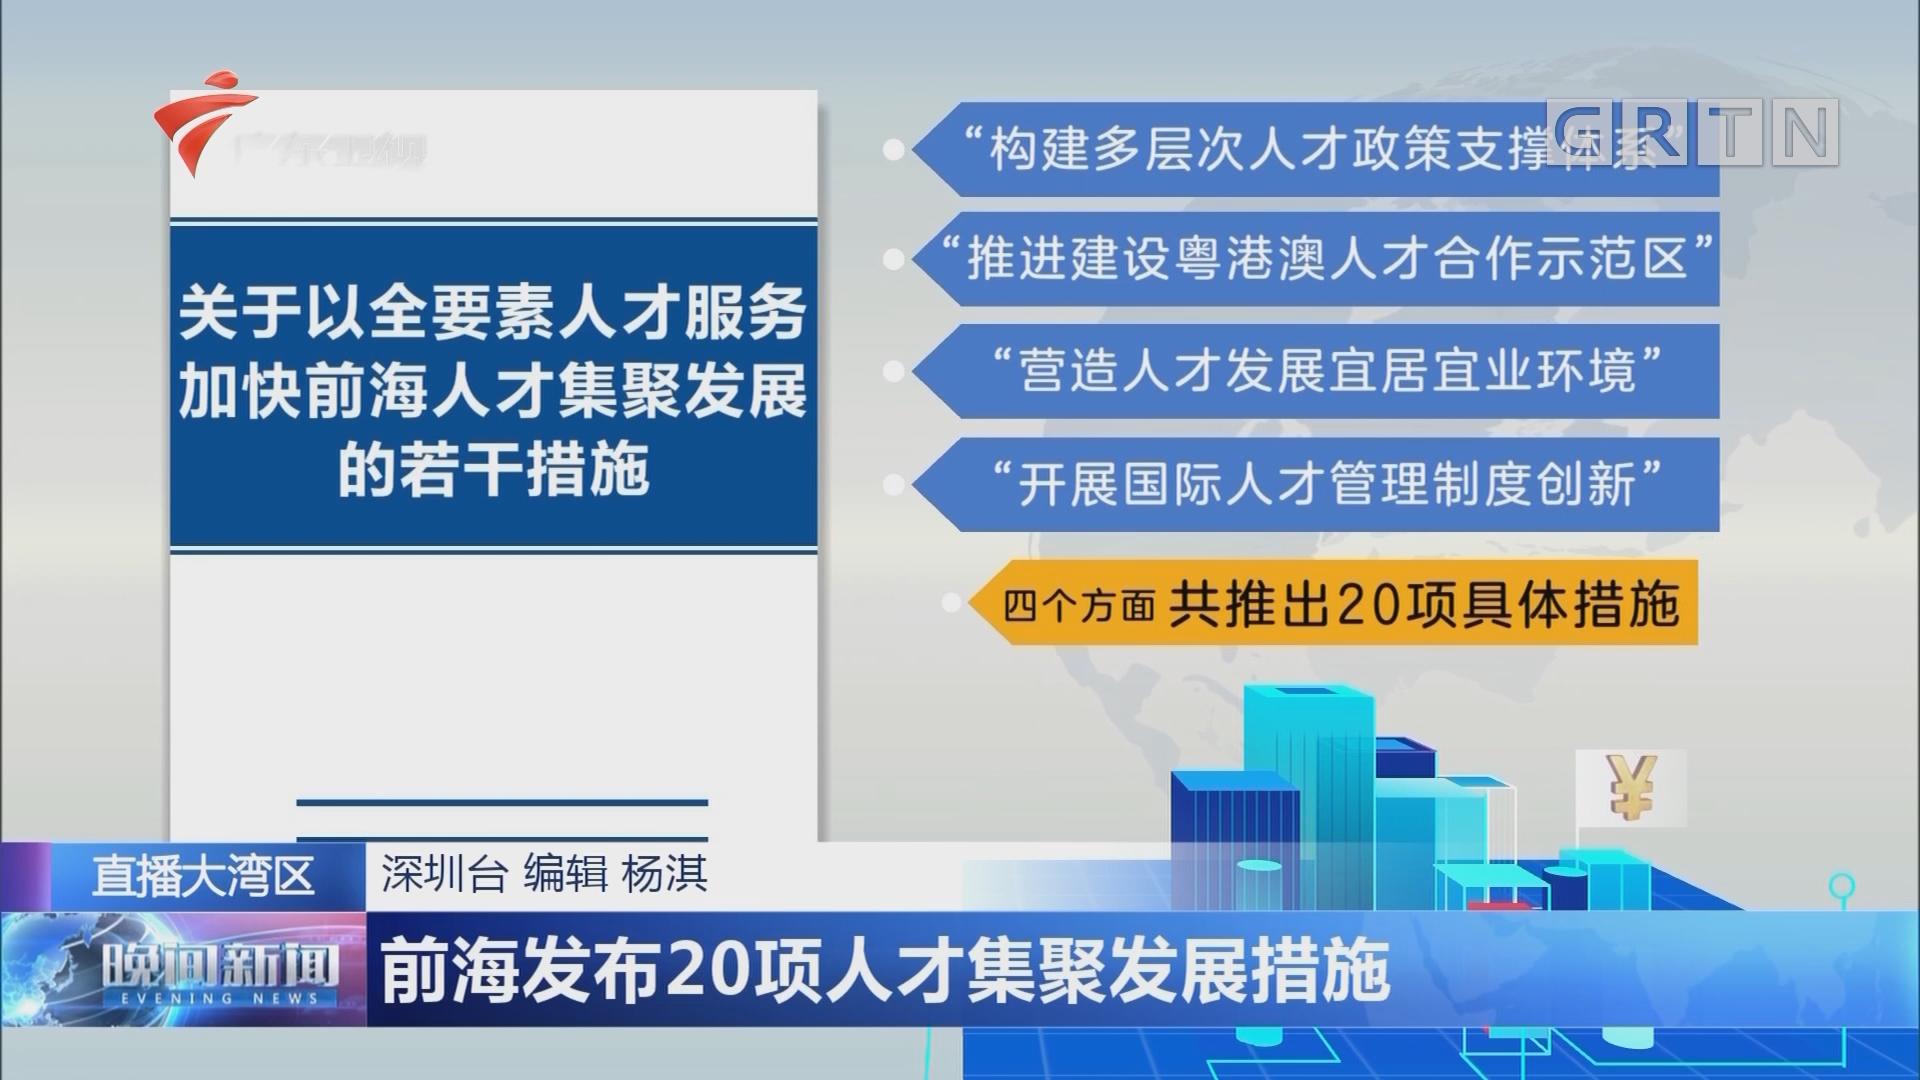 前海发布20项人才集聚发展措施